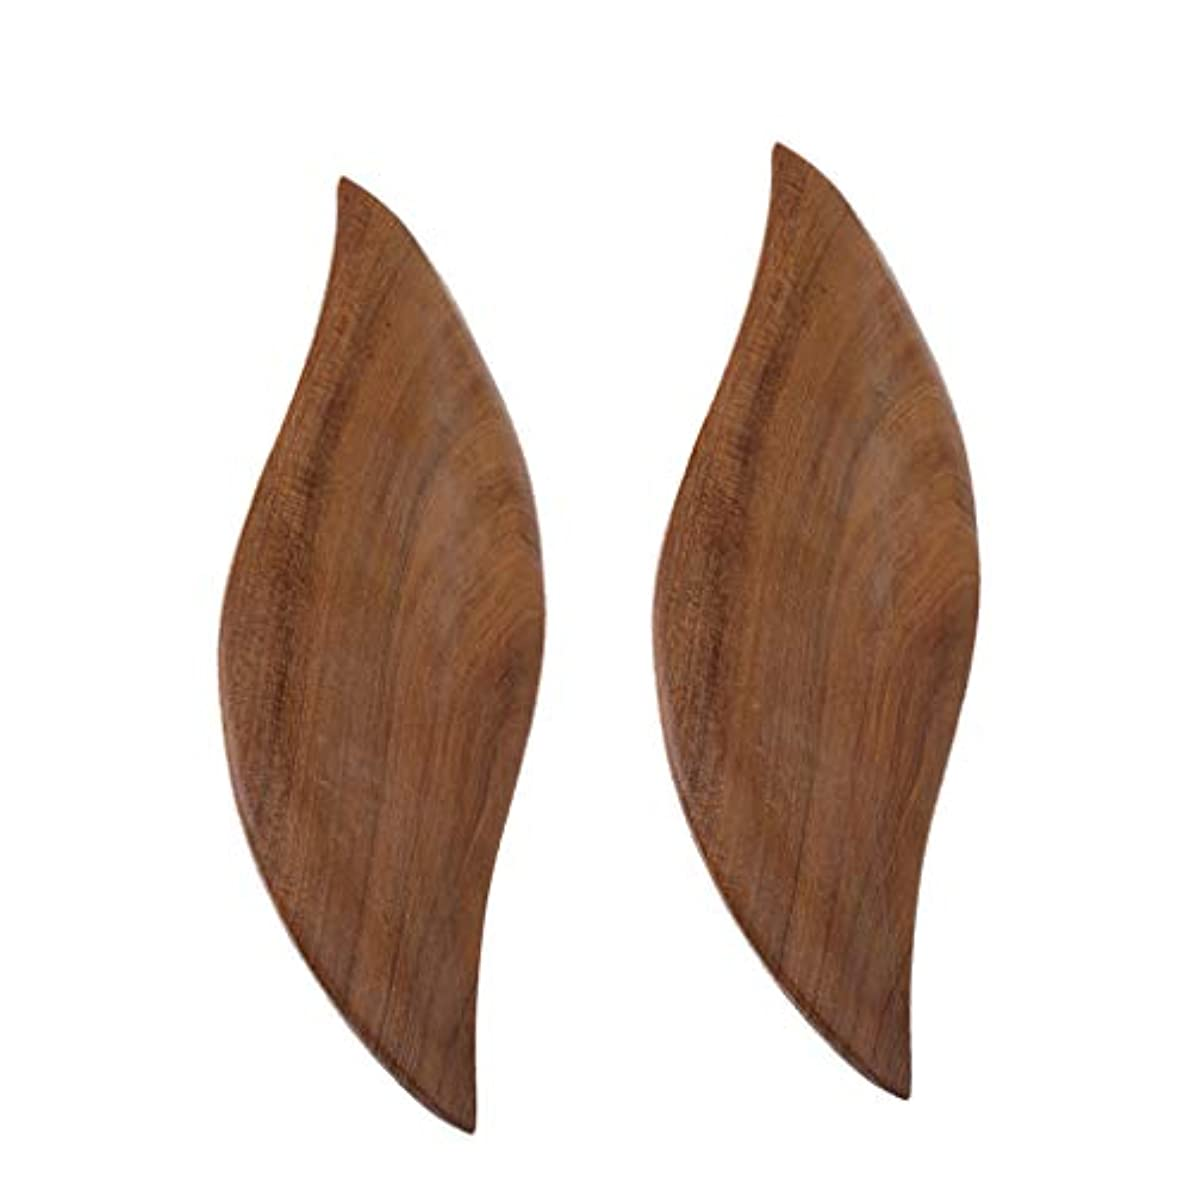 アダルトロデオ嫌悪2枚 かっさプレート 木製 ボード ボディーケア 葉の形 便利